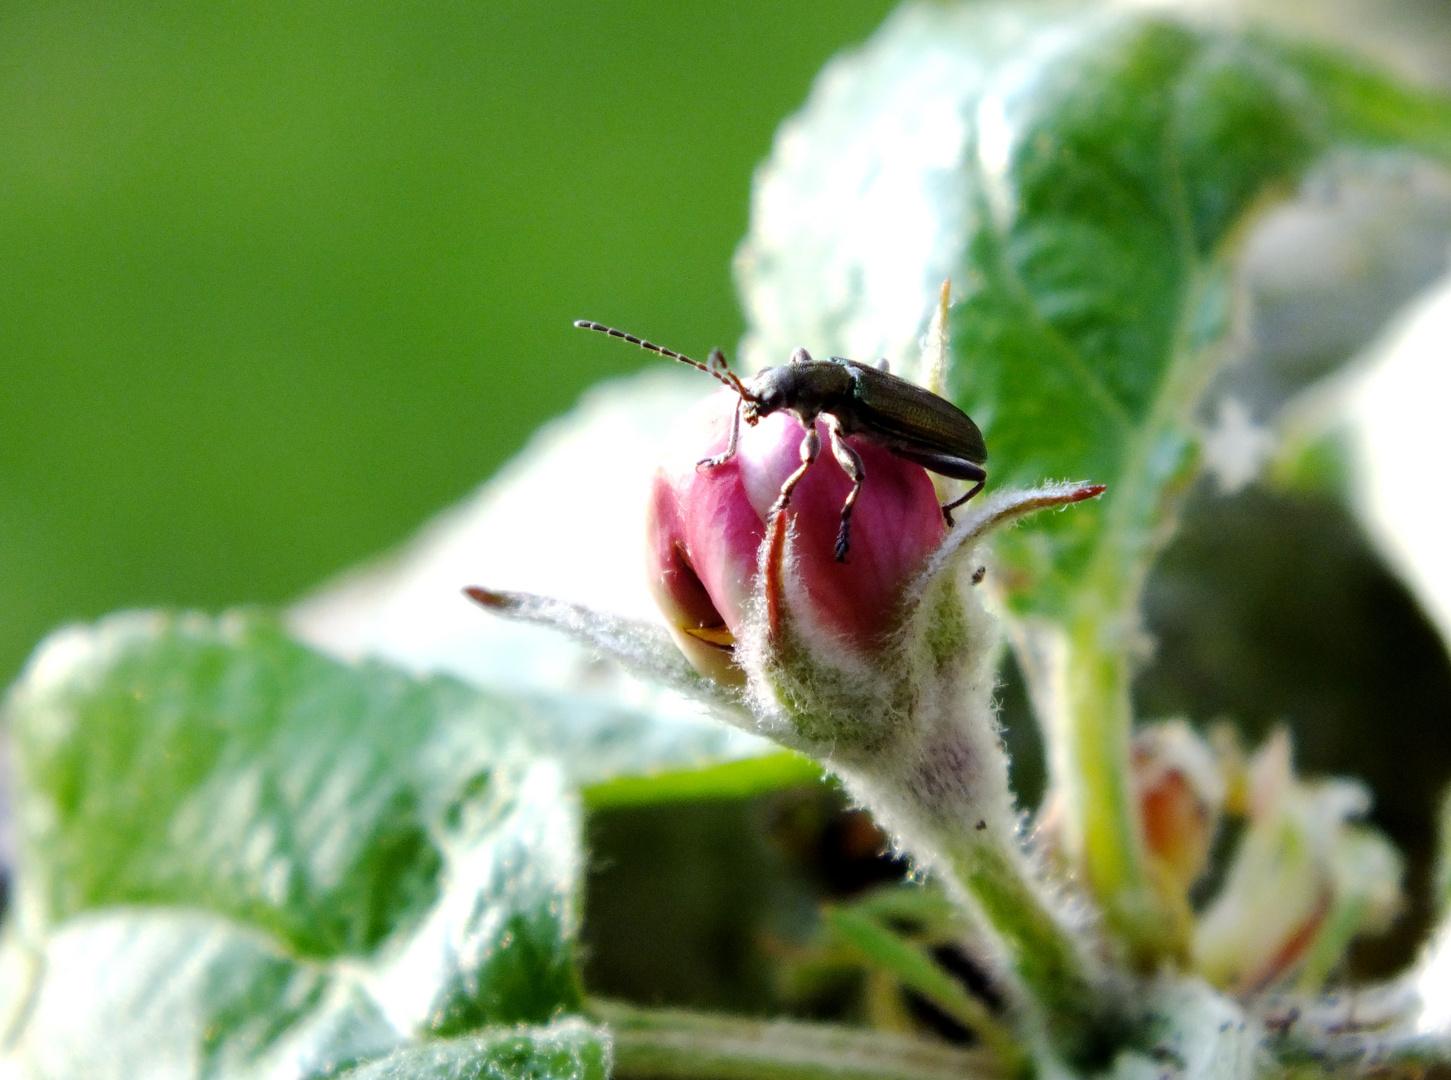 am apfelbaum foto bild tiere wildlife insekten. Black Bedroom Furniture Sets. Home Design Ideas